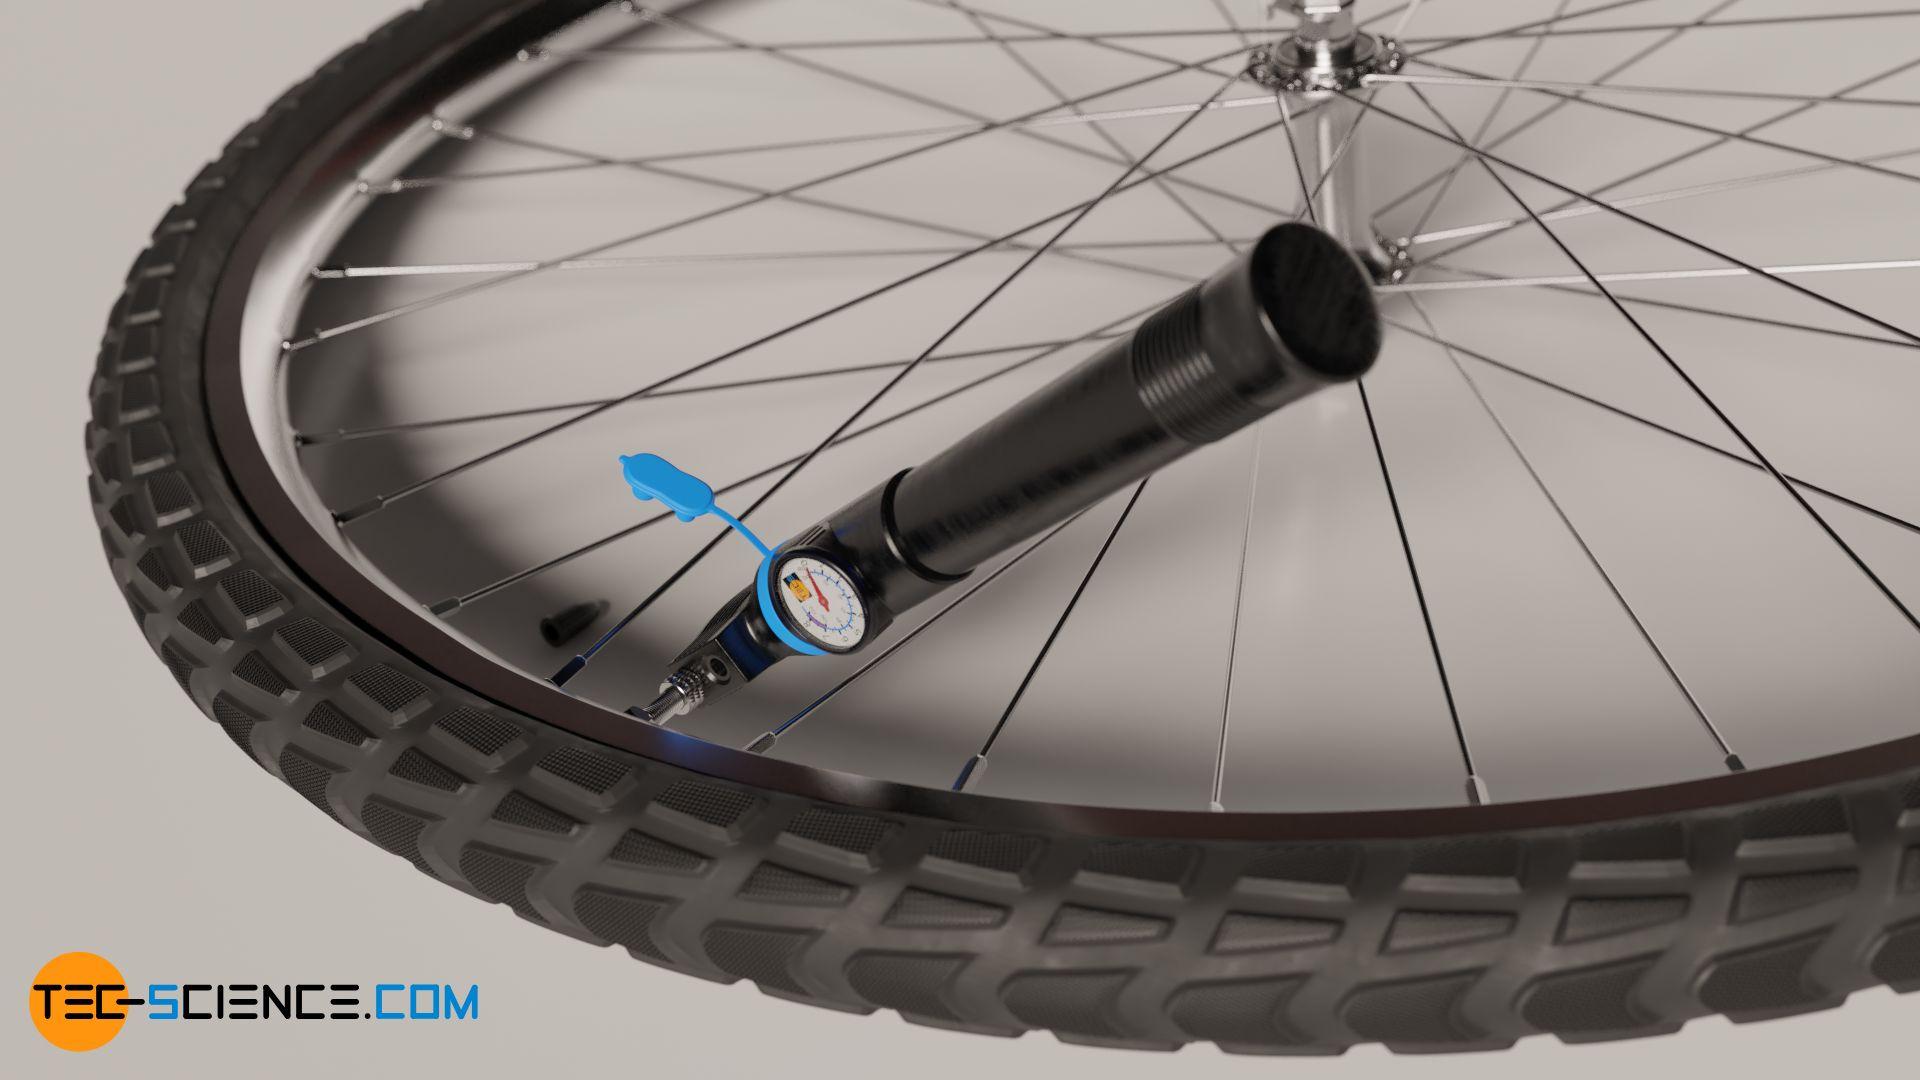 Erhöhung Lufttemperatur durch Energiezufuhr während der Kompression beim Aufpumpen eines Fahrradreifens